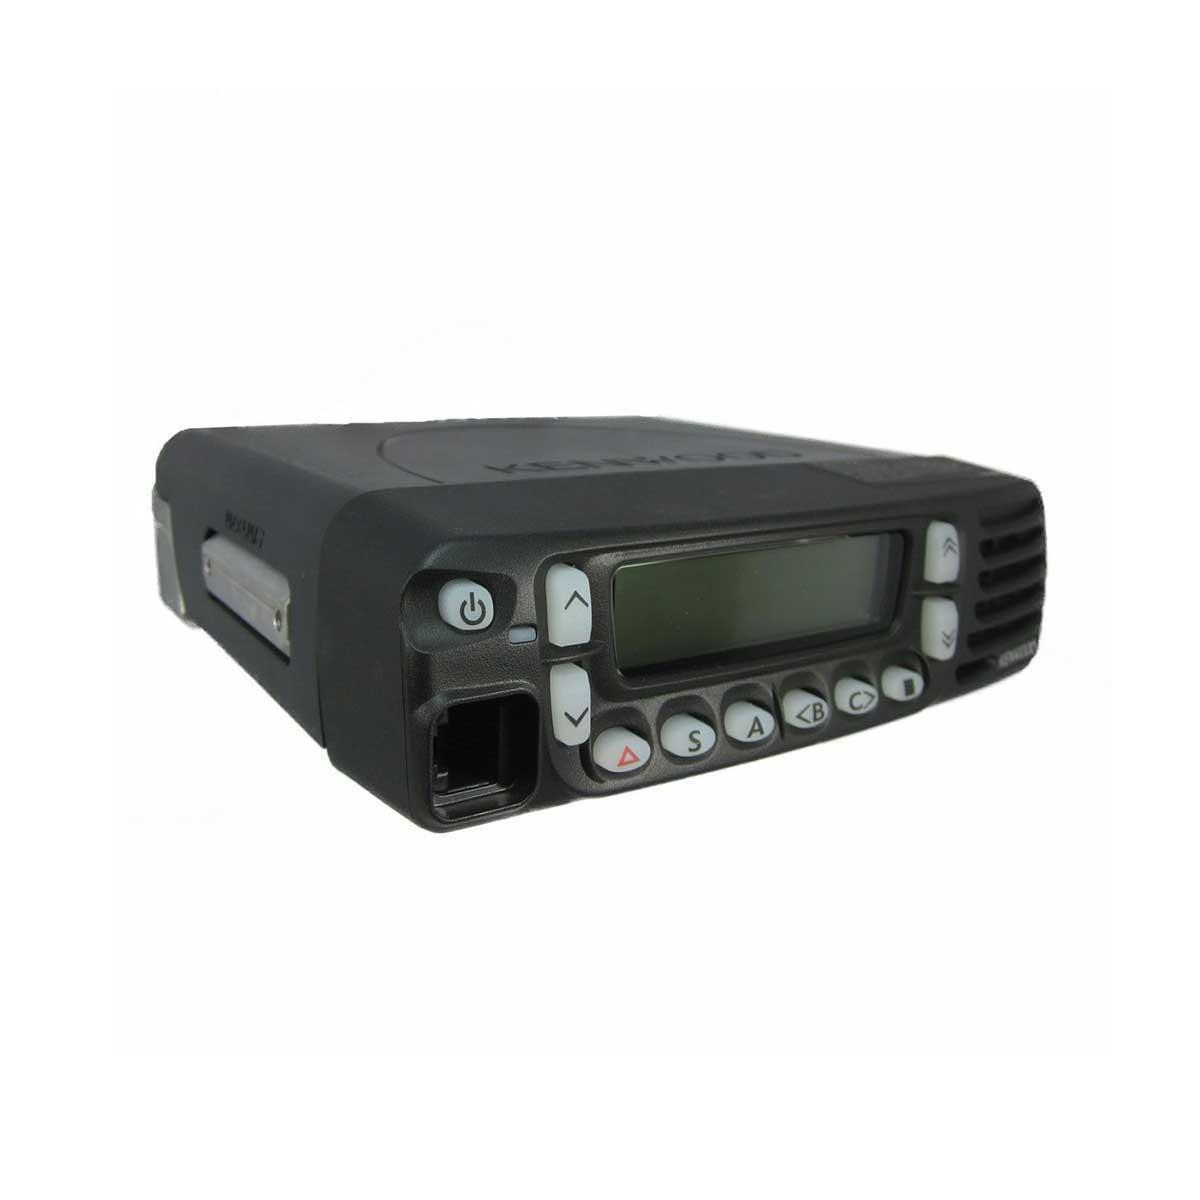 Radio Kenwood TK-8180 Analógico UHF 400-470 MHz